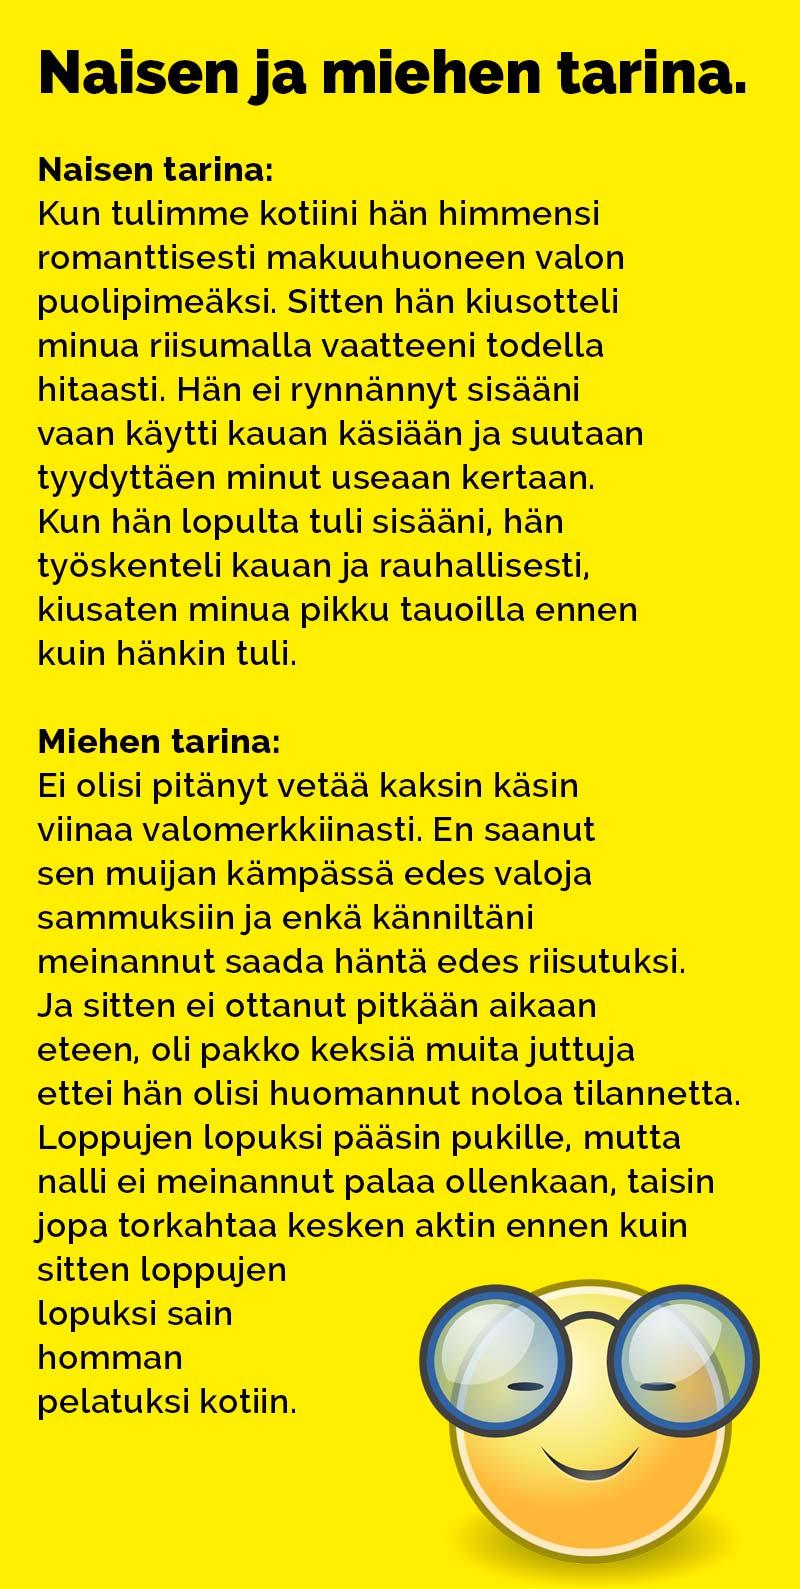 vitsit_naisen__ja_miehen_tarina_2